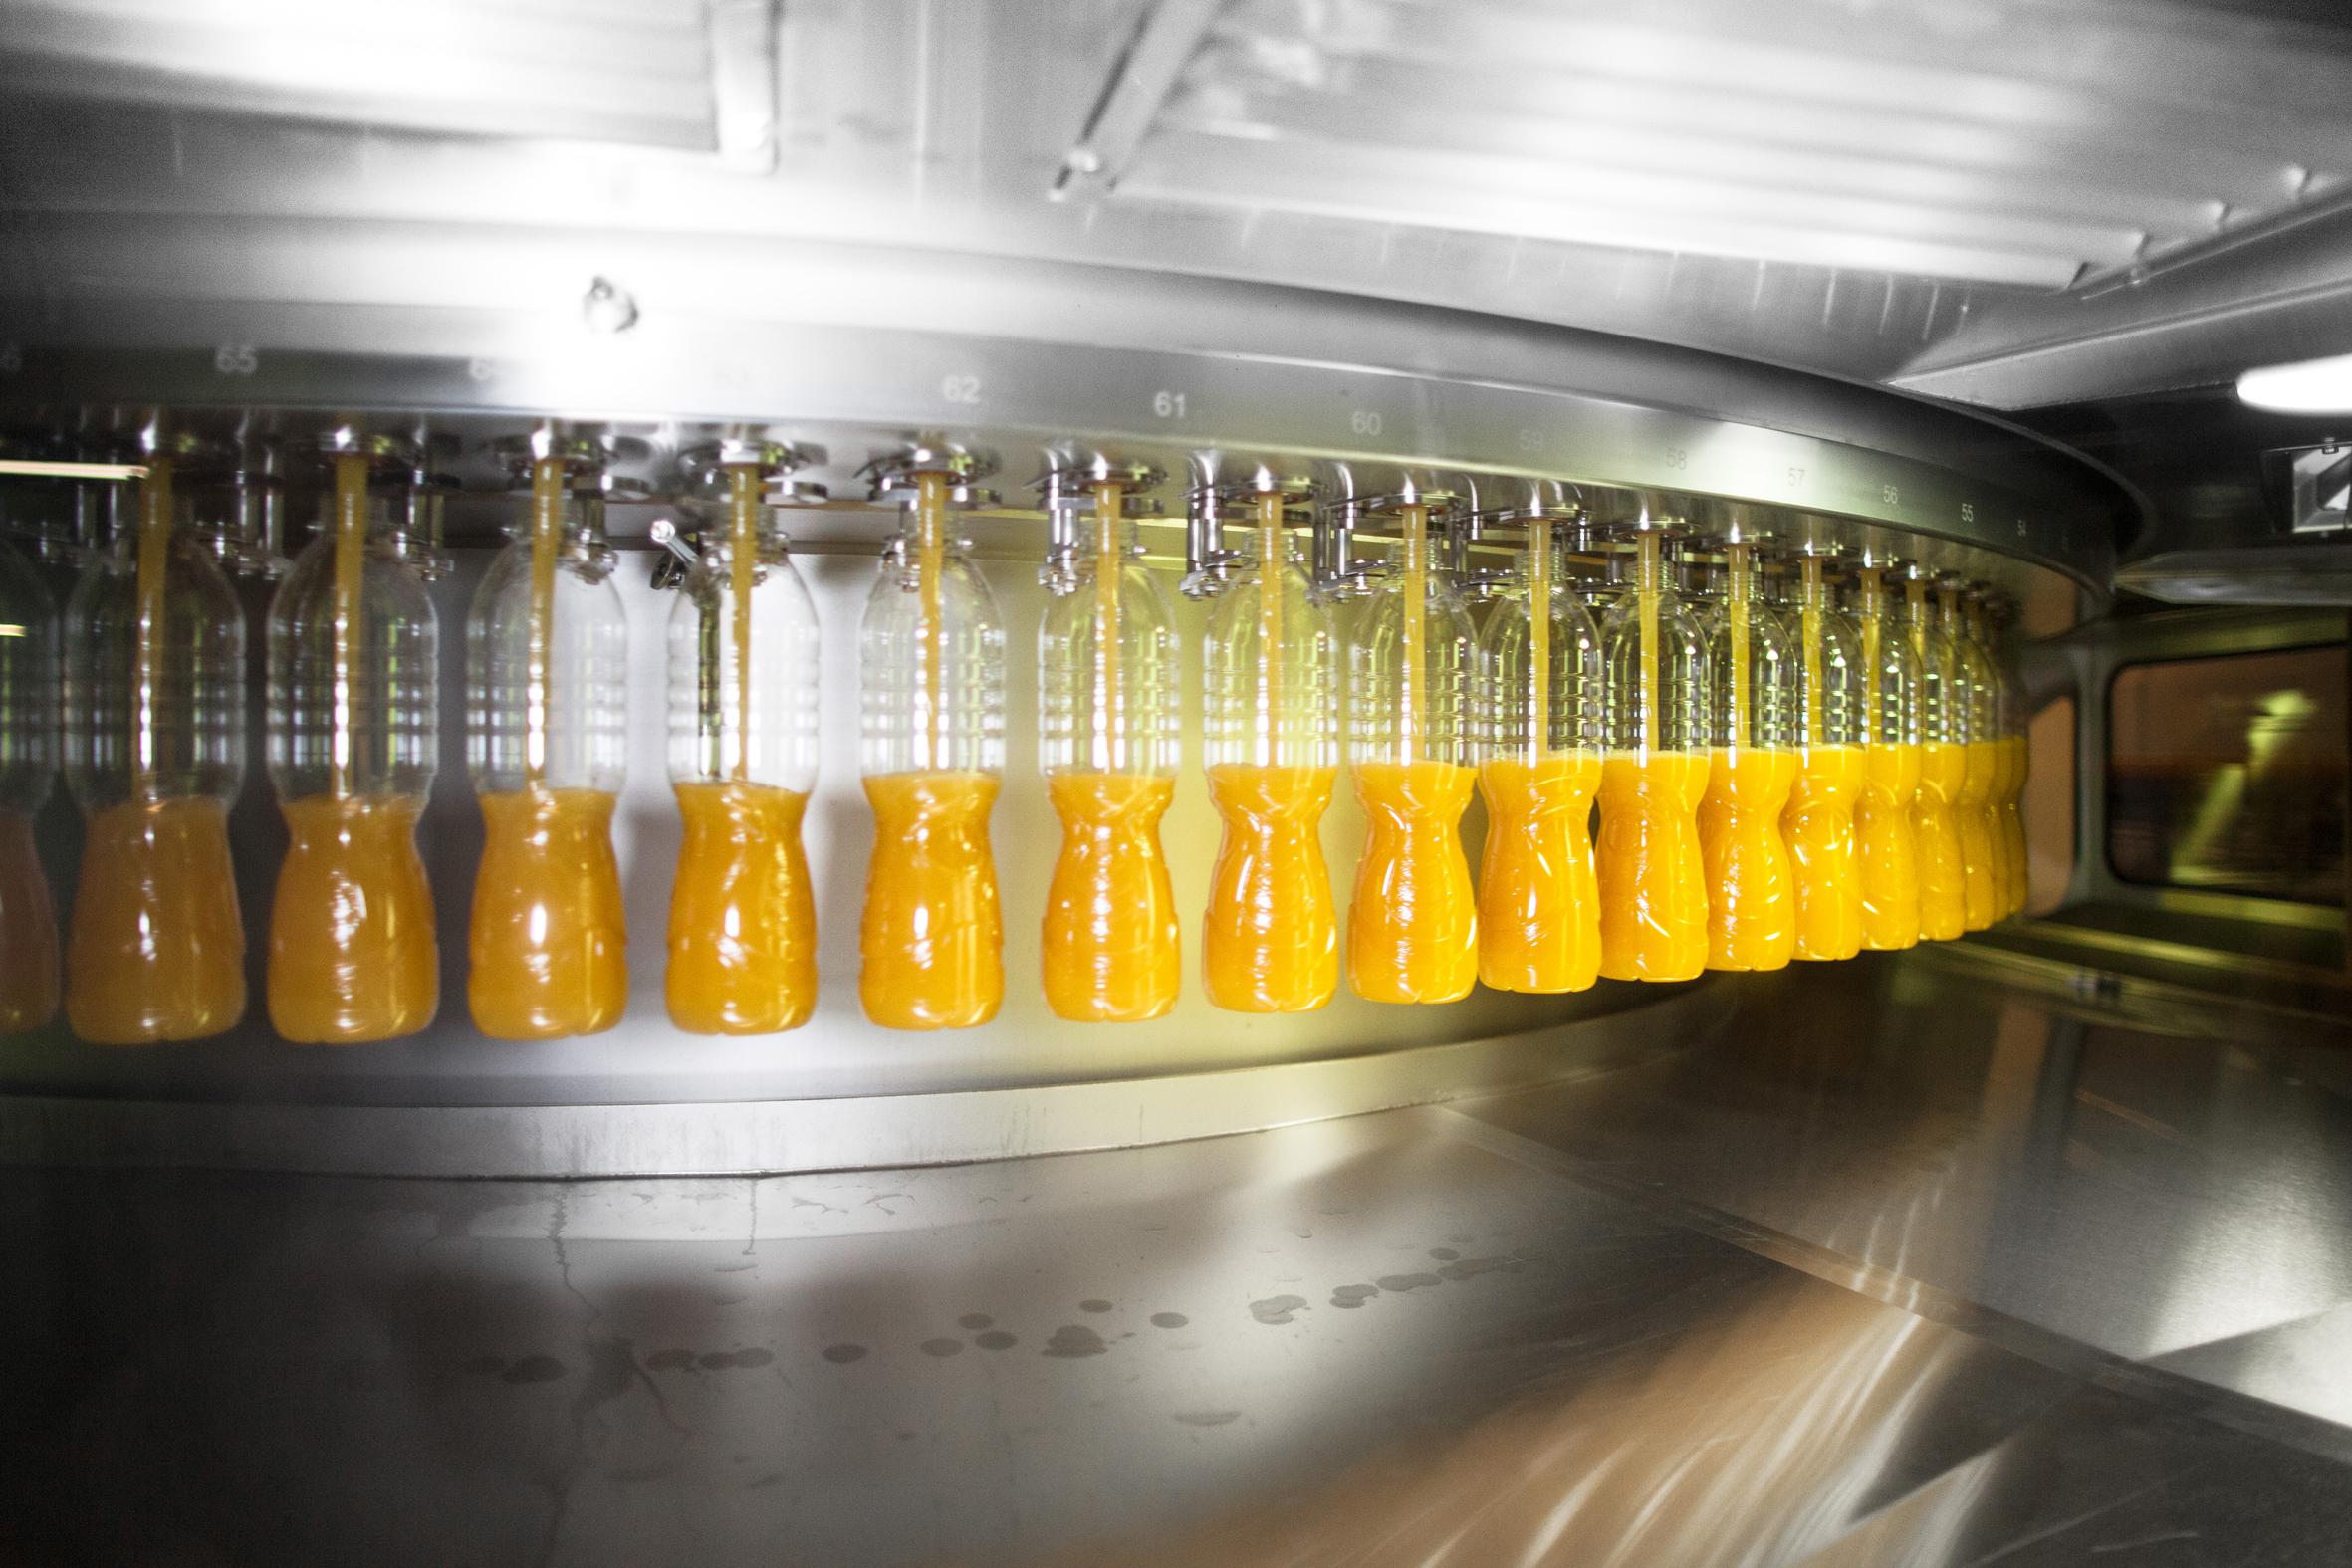 Ein polnischer Familienbetrieb profitiert vom Wachstum auf dem Getränkemarkt